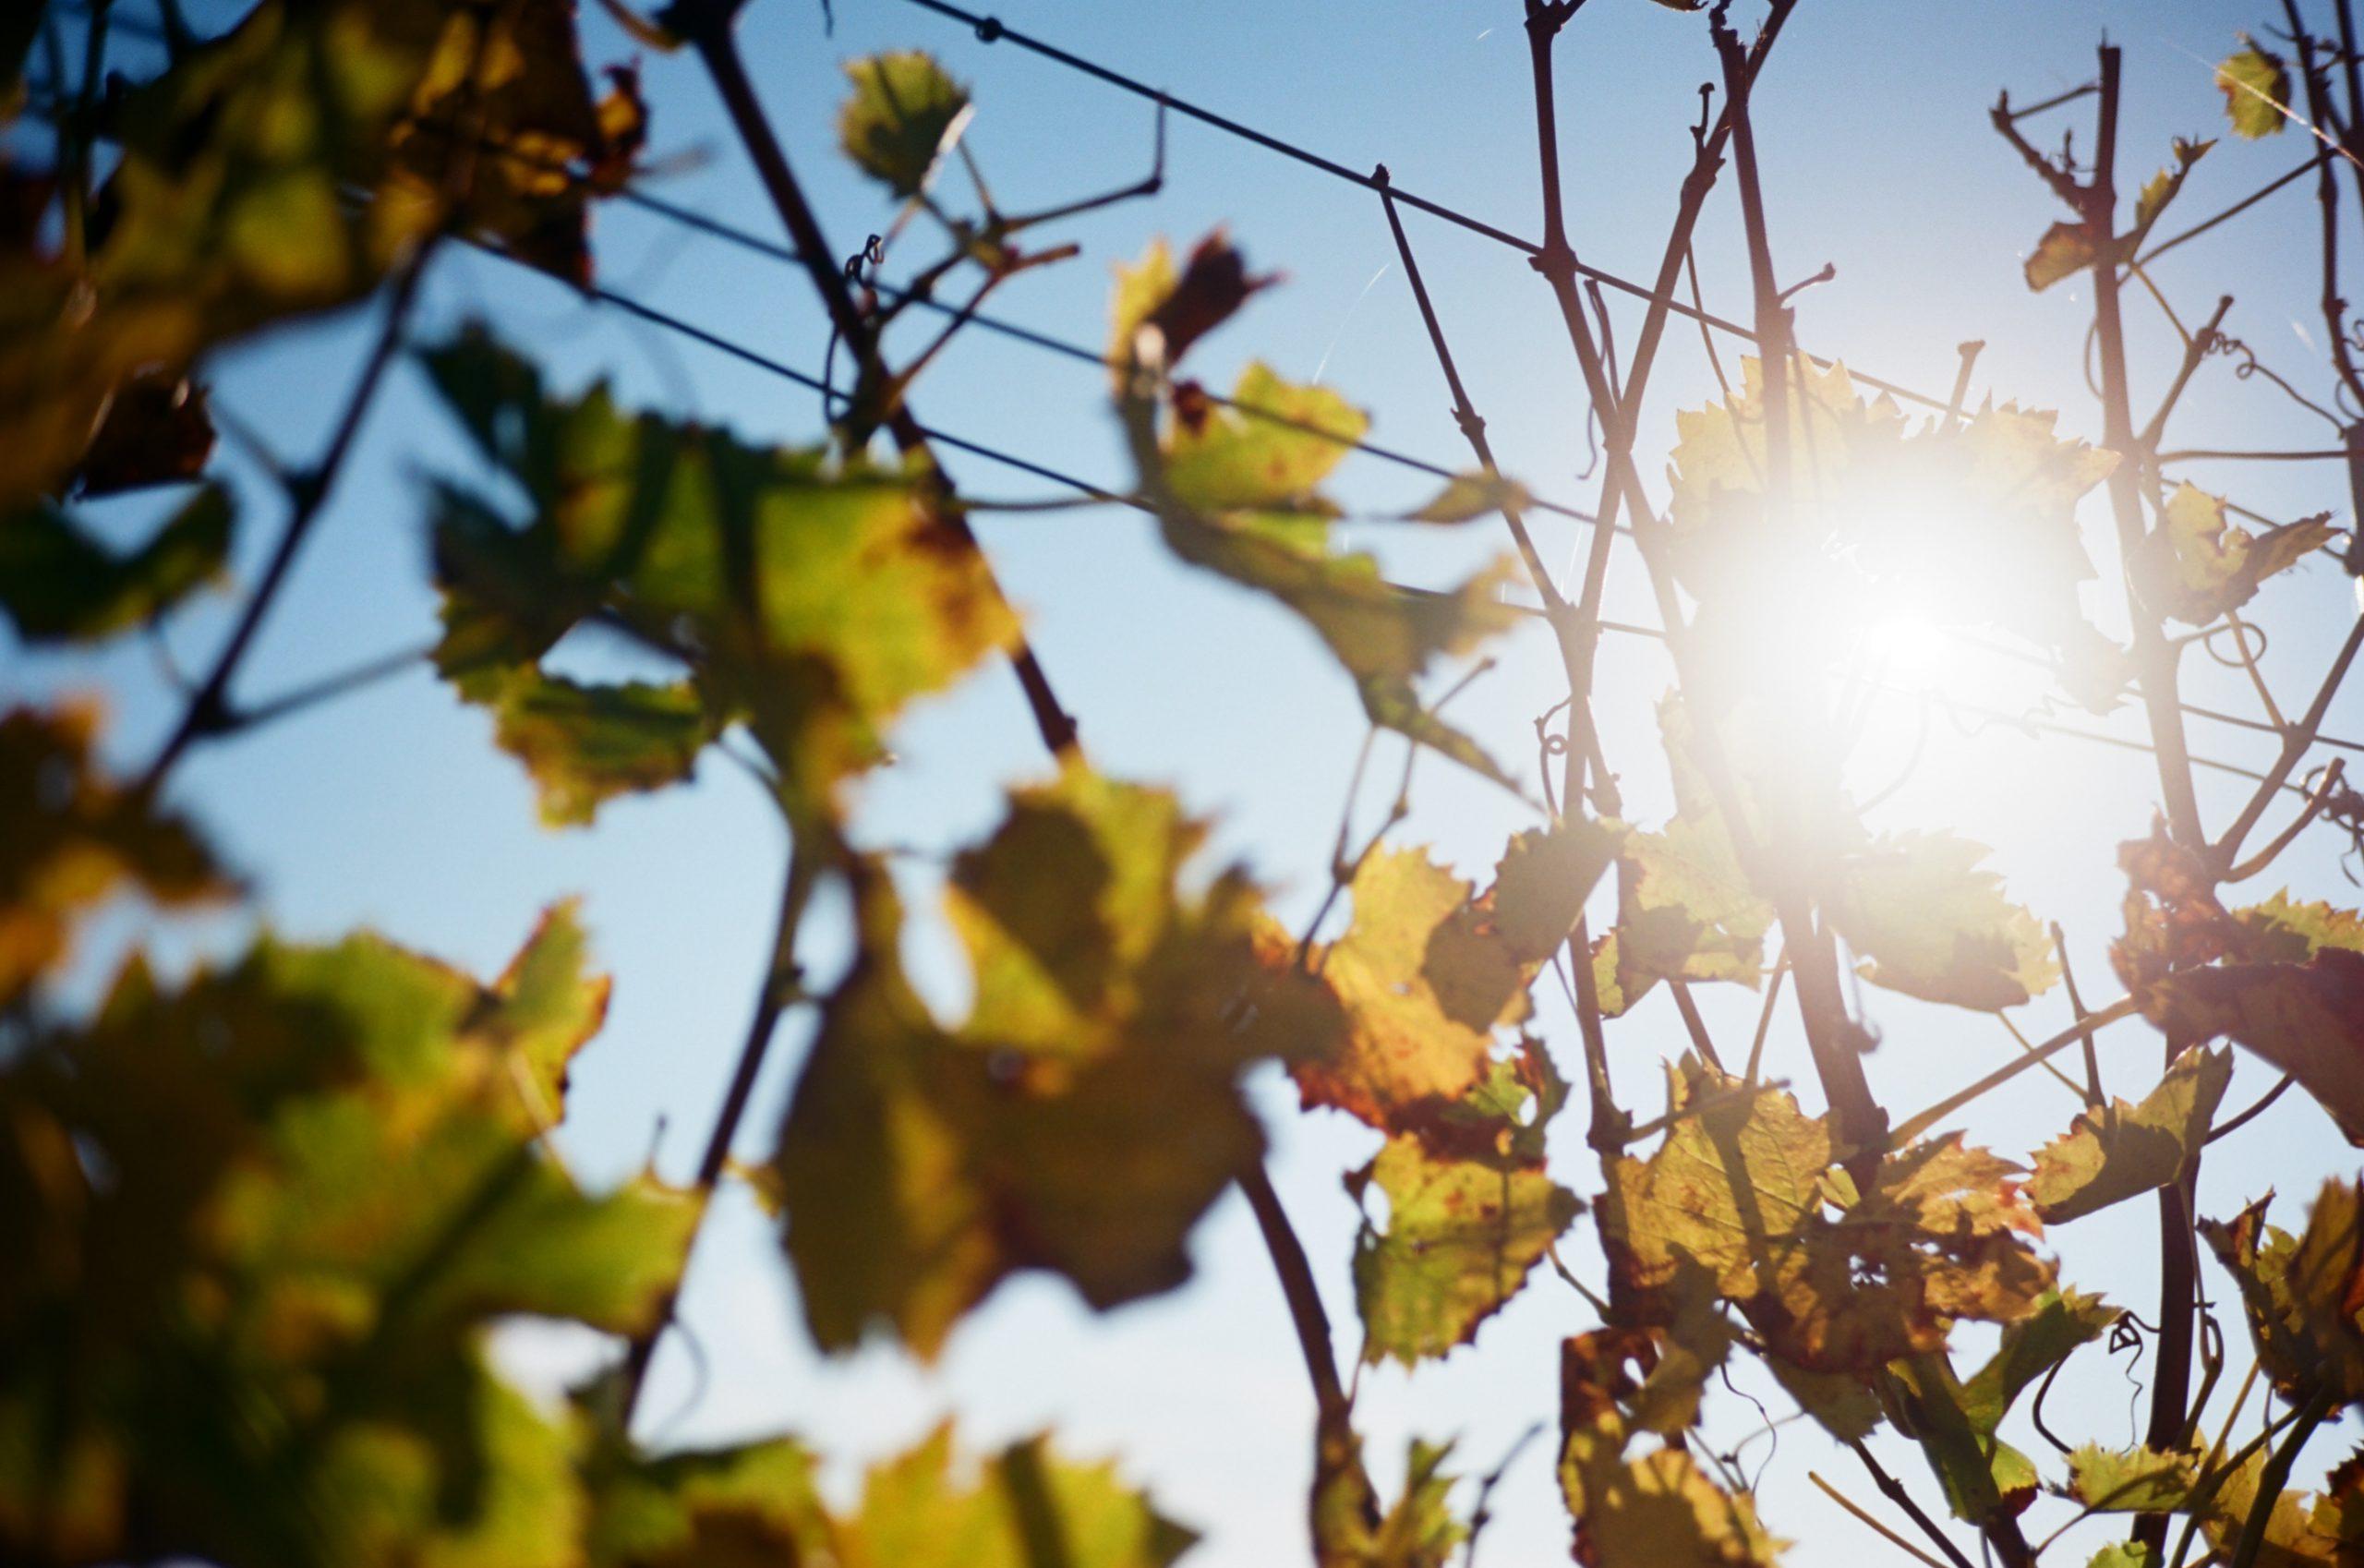 Sonne! Für Fotografen und Weinliebhaber gleichmaßen wichtig. Das Rollei-Sonnar scheint wirklich hochwertig vergütet zu sein. Rollei 35 RF mit Rollei Sonnar 40/2.8. Kodak Ektar 100.